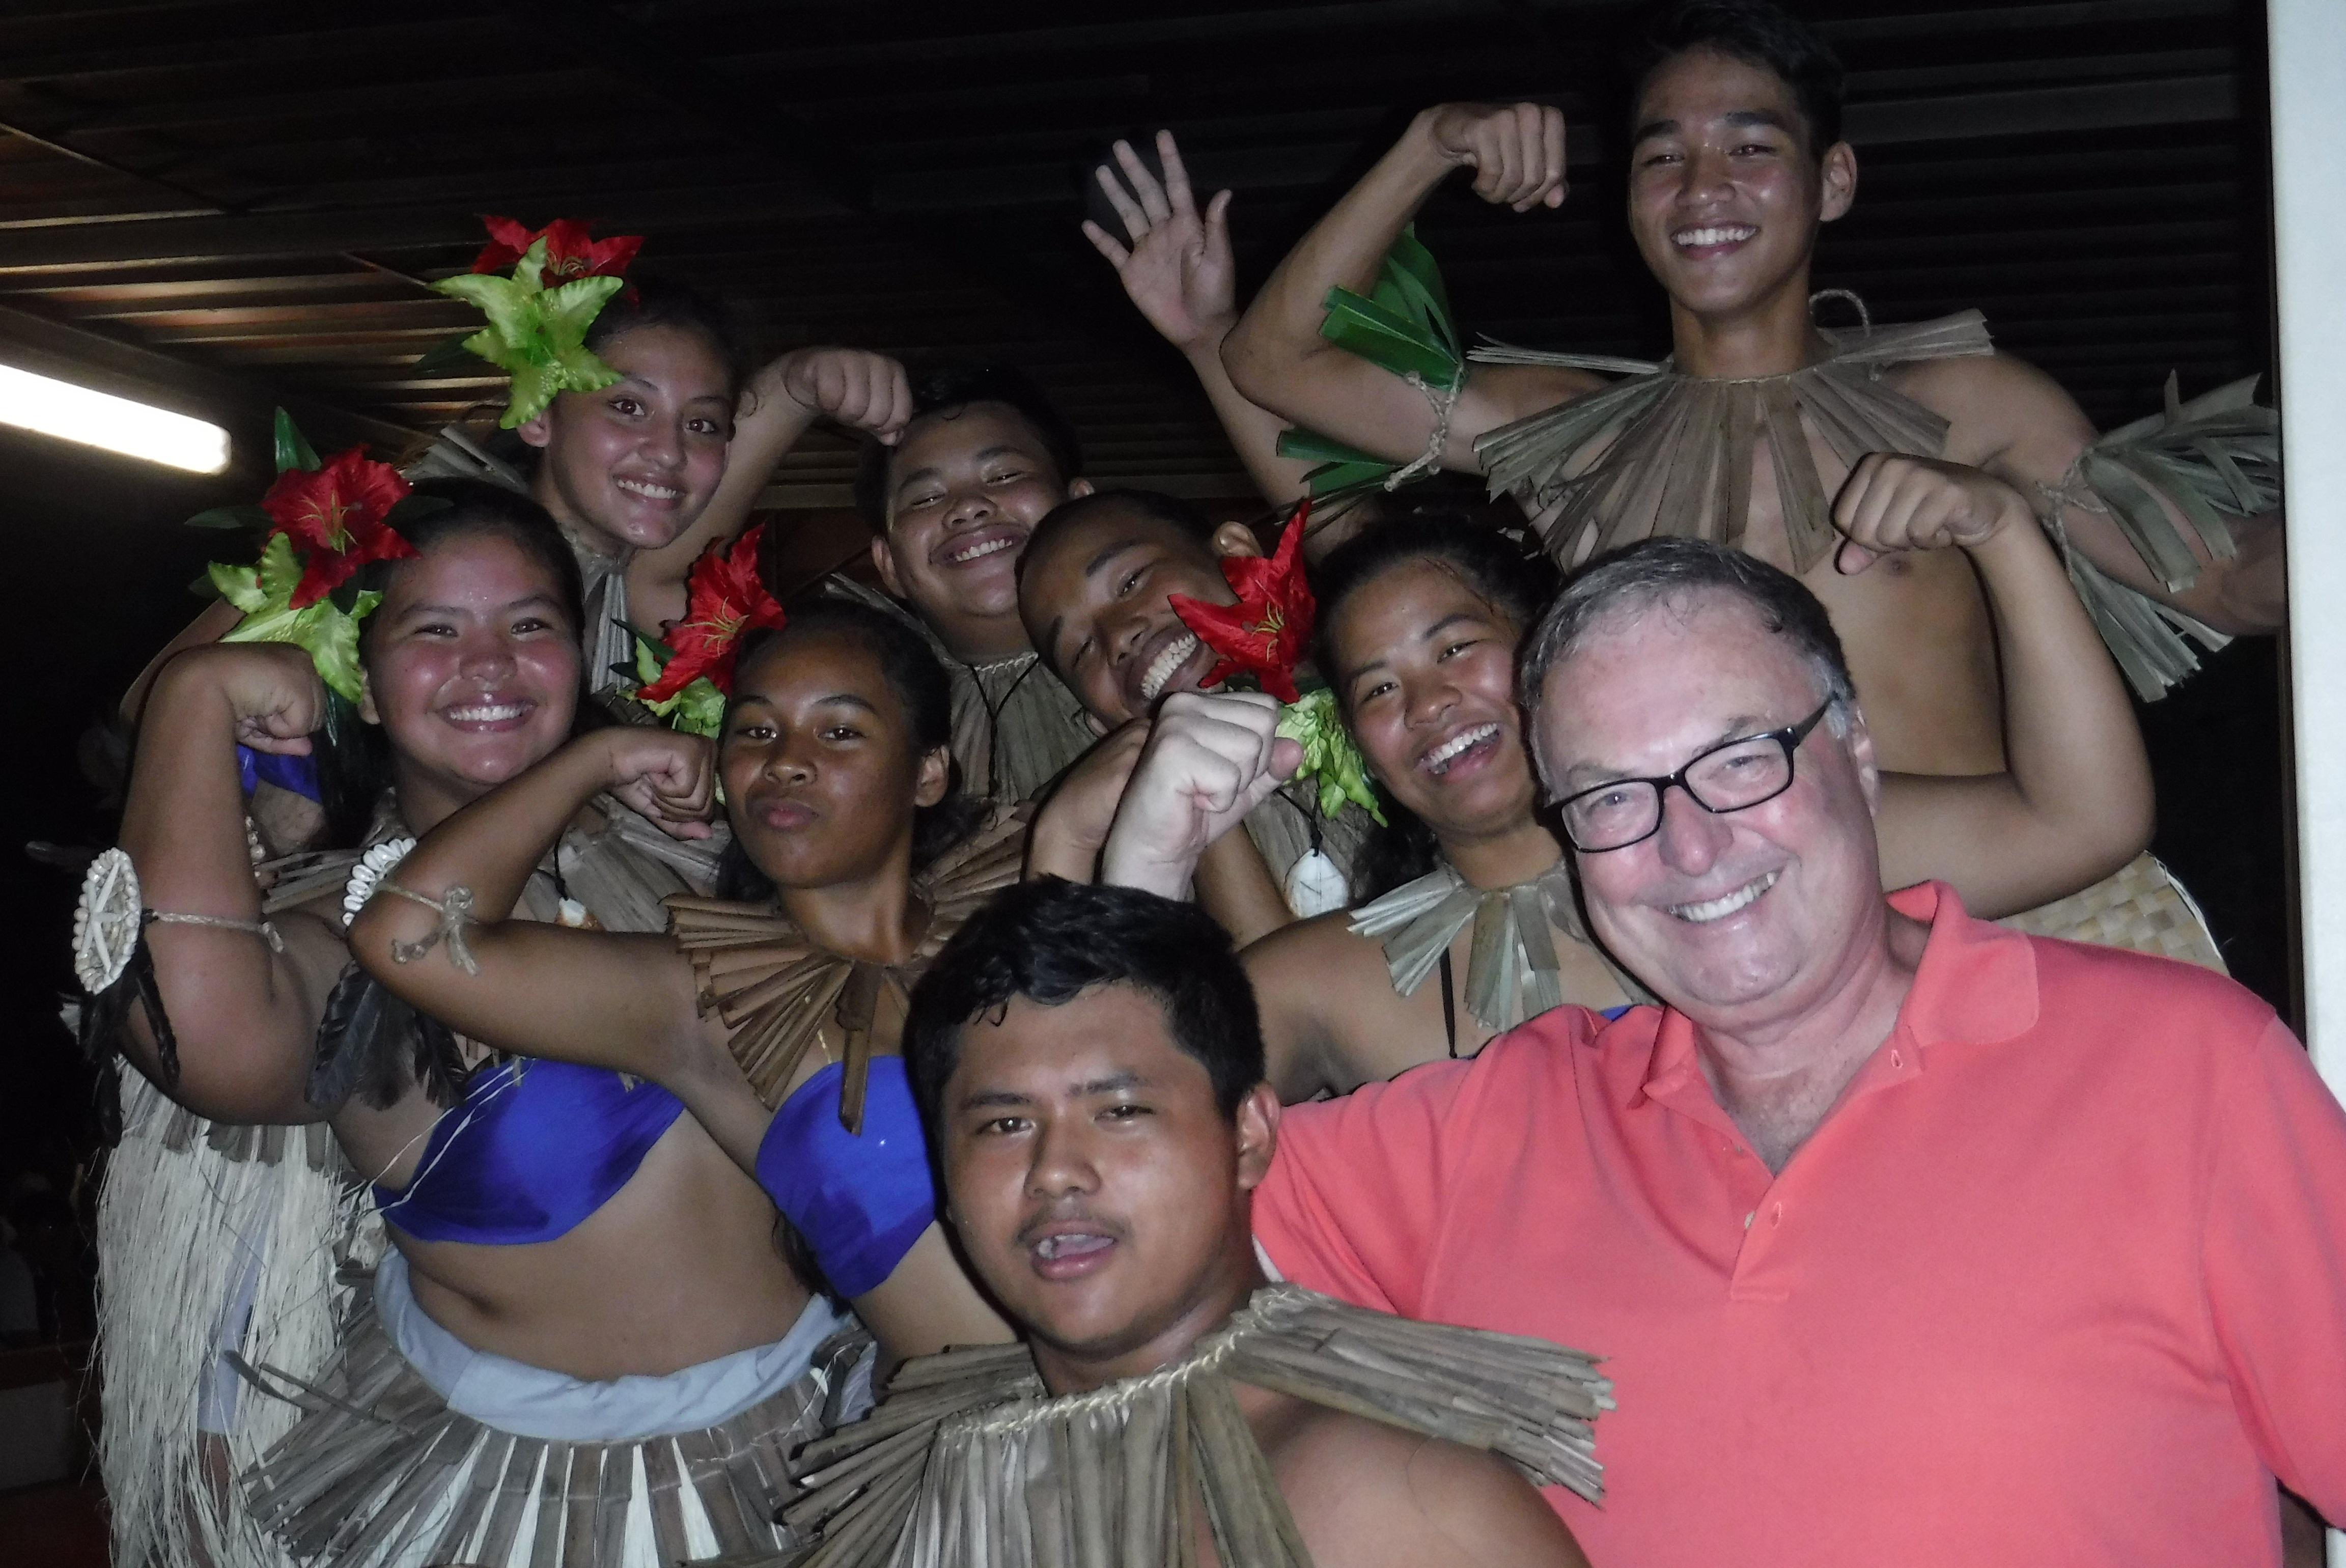 Arnold_and_locals_Guam.jpg